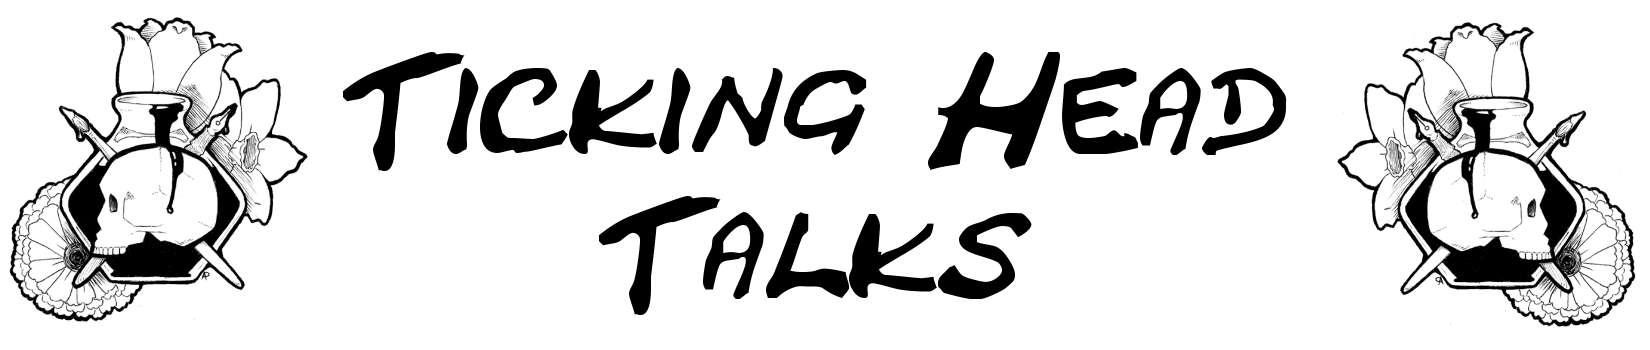 Ticking Head Talks